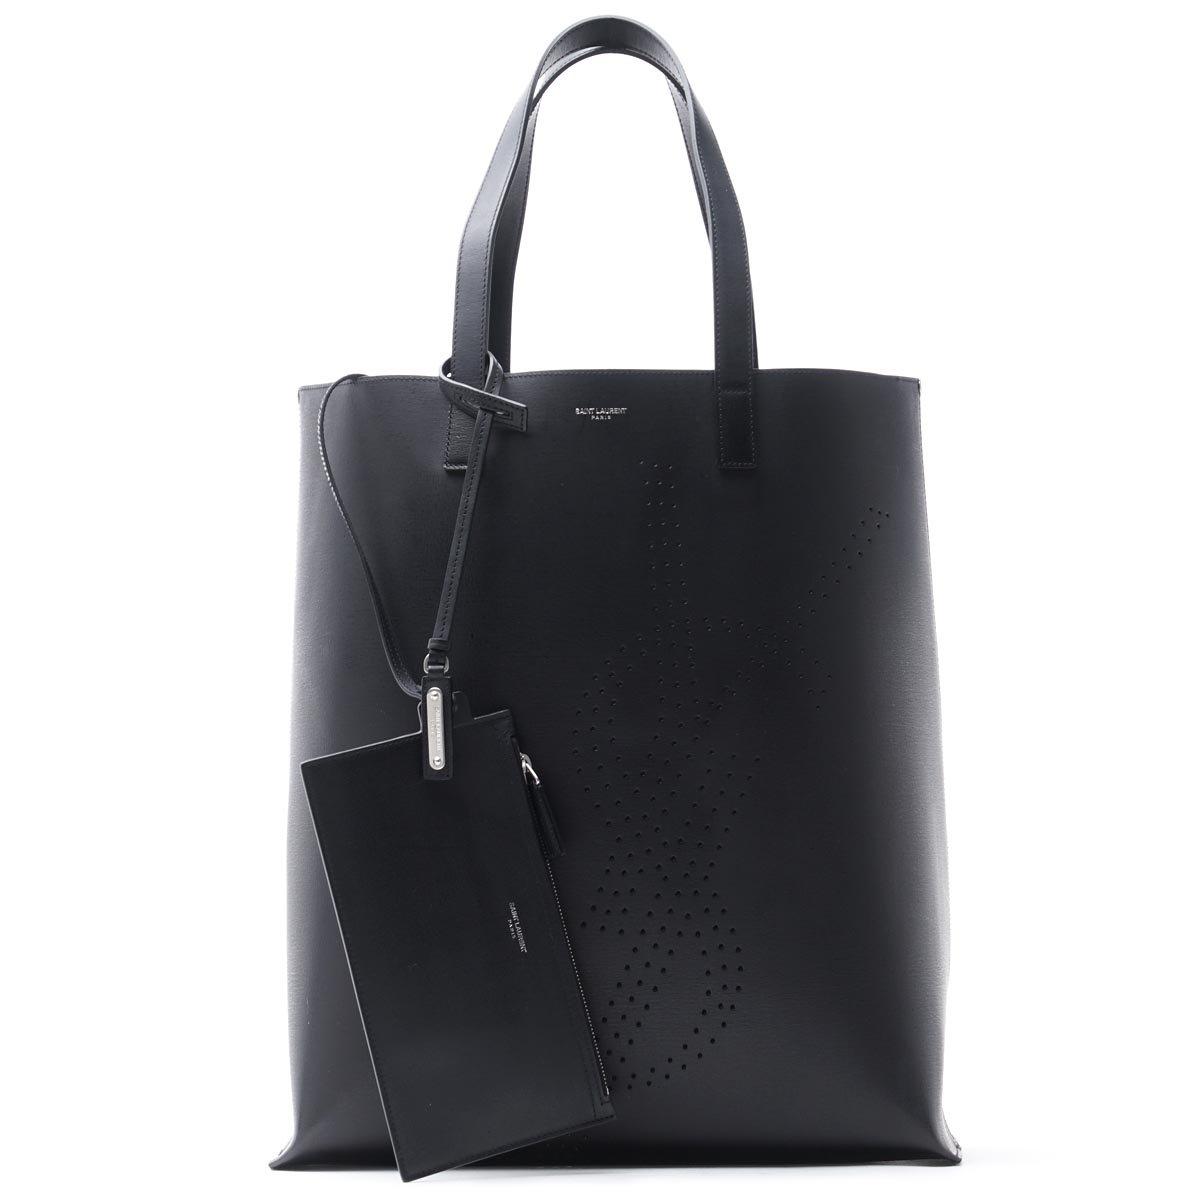 (サンローランパリ) SAINT LAURENT PARIS トートバッグ SHOPPING ショッピング [並行輸入品] B078WMSXDG